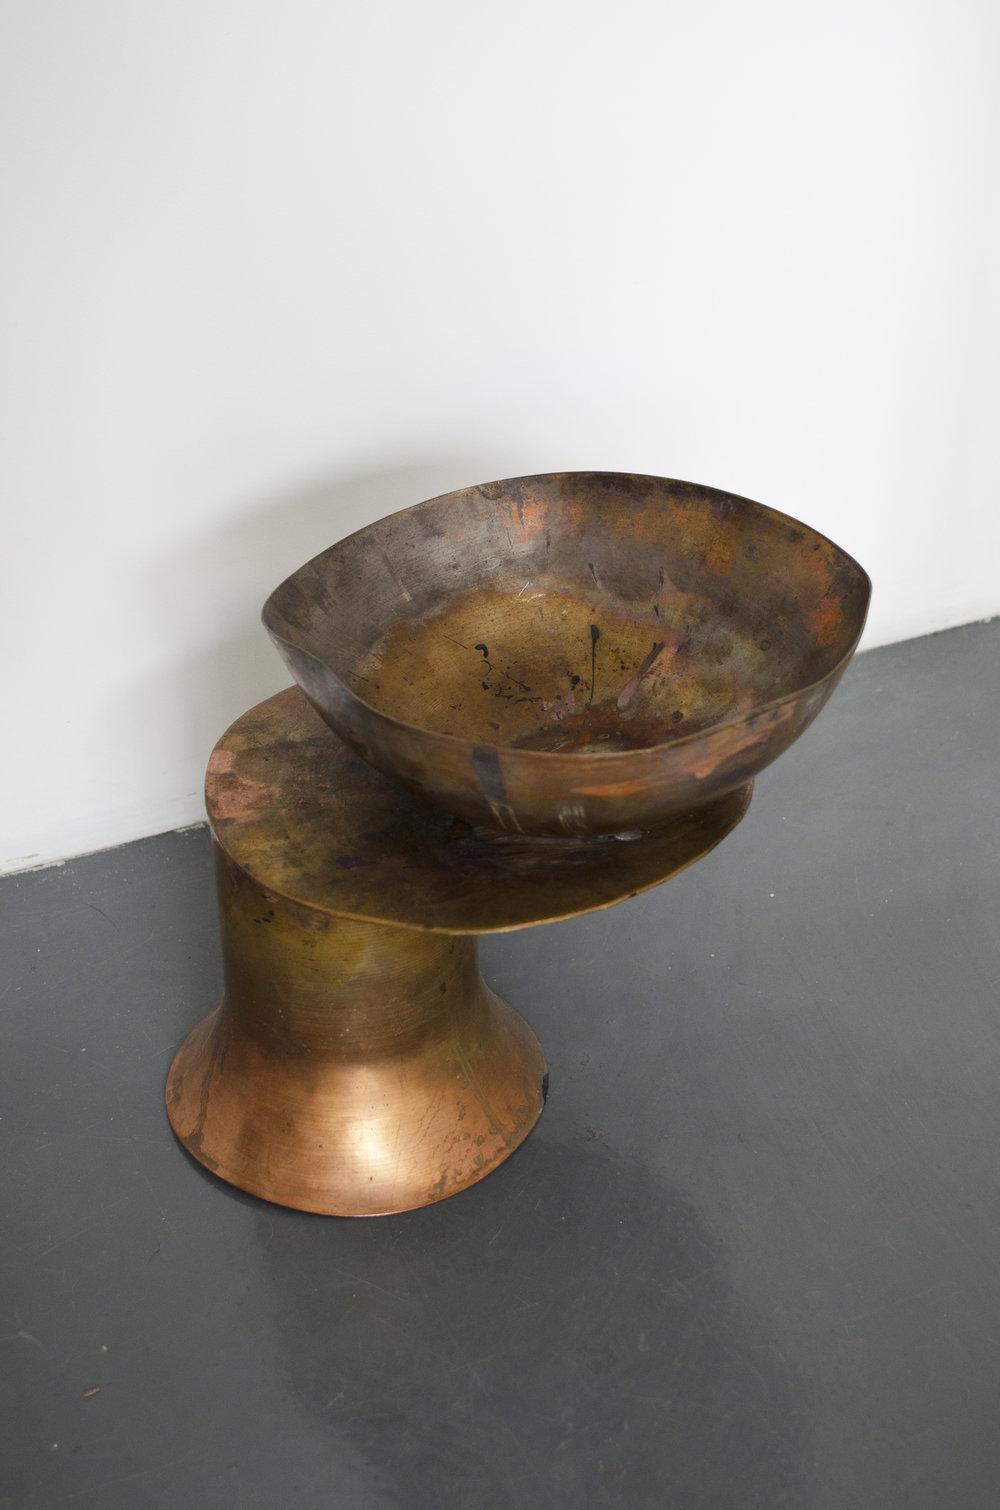 Sarah Entiwstle,  Prototaype Copper #1,  2018, Spun coppper patinated vessels, 9.25 x 8.25 x 8 in (23.5 x 21 x 20.32 cm)